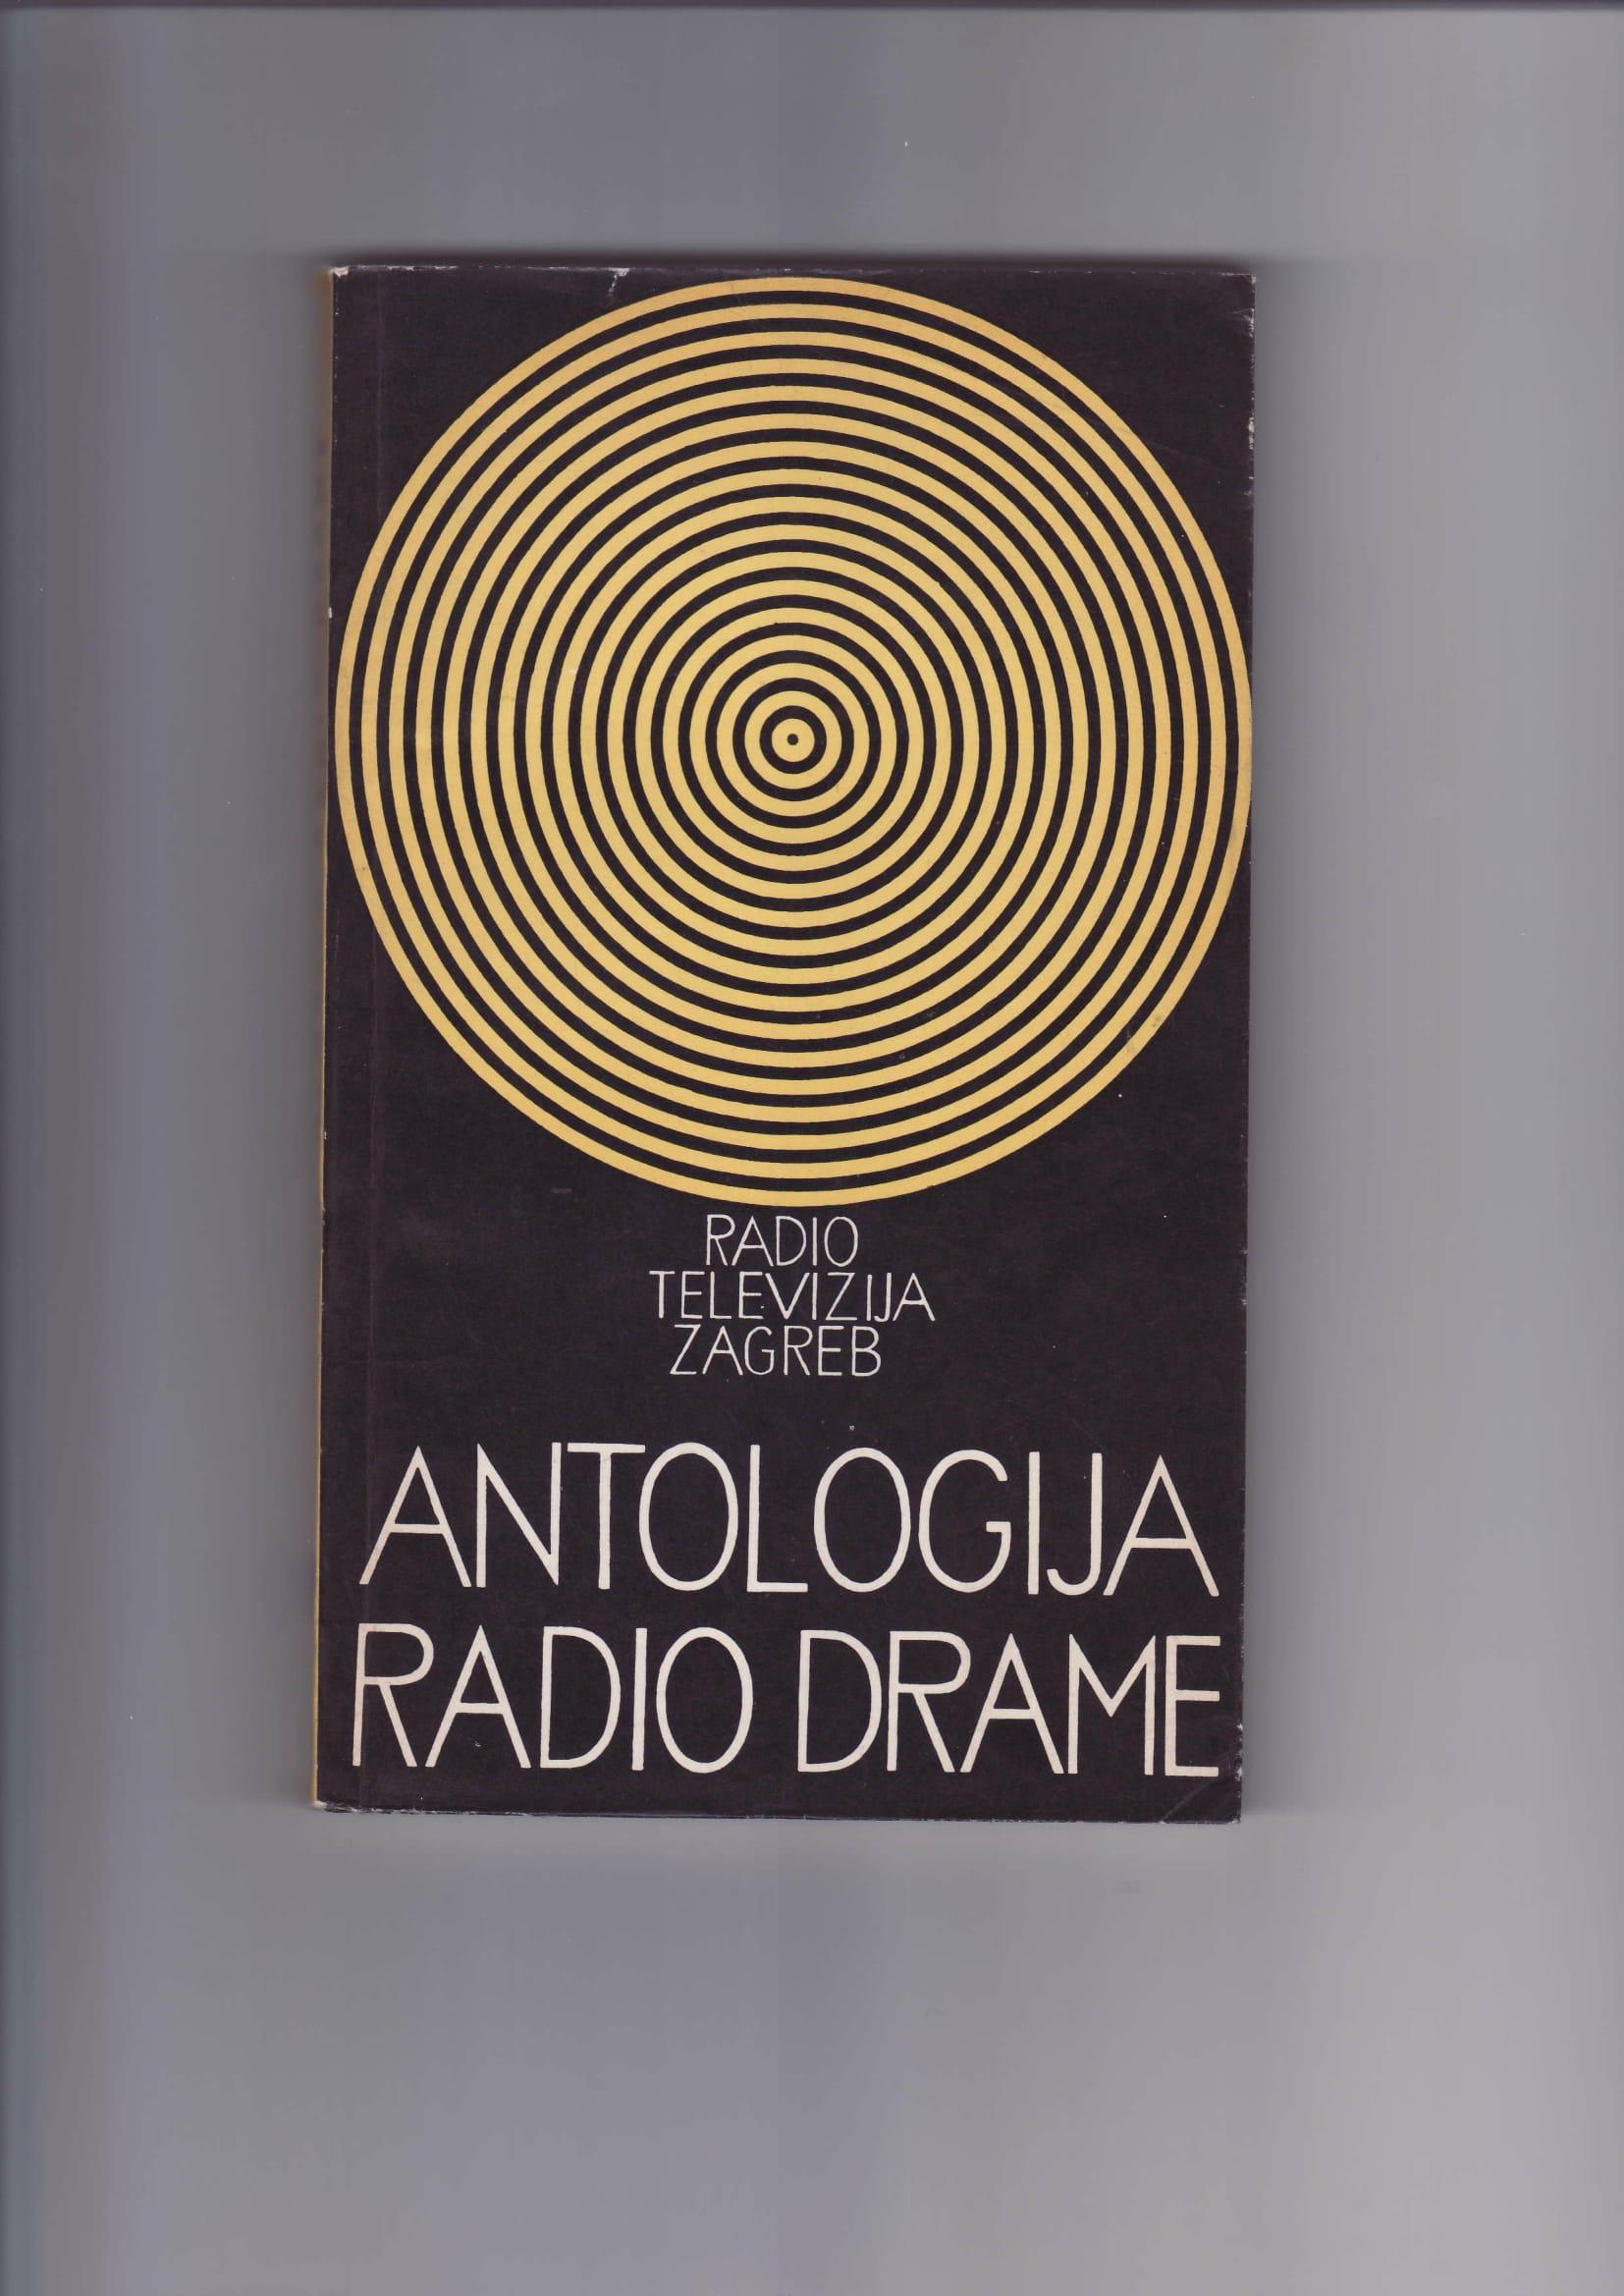 Antologija radiodrame